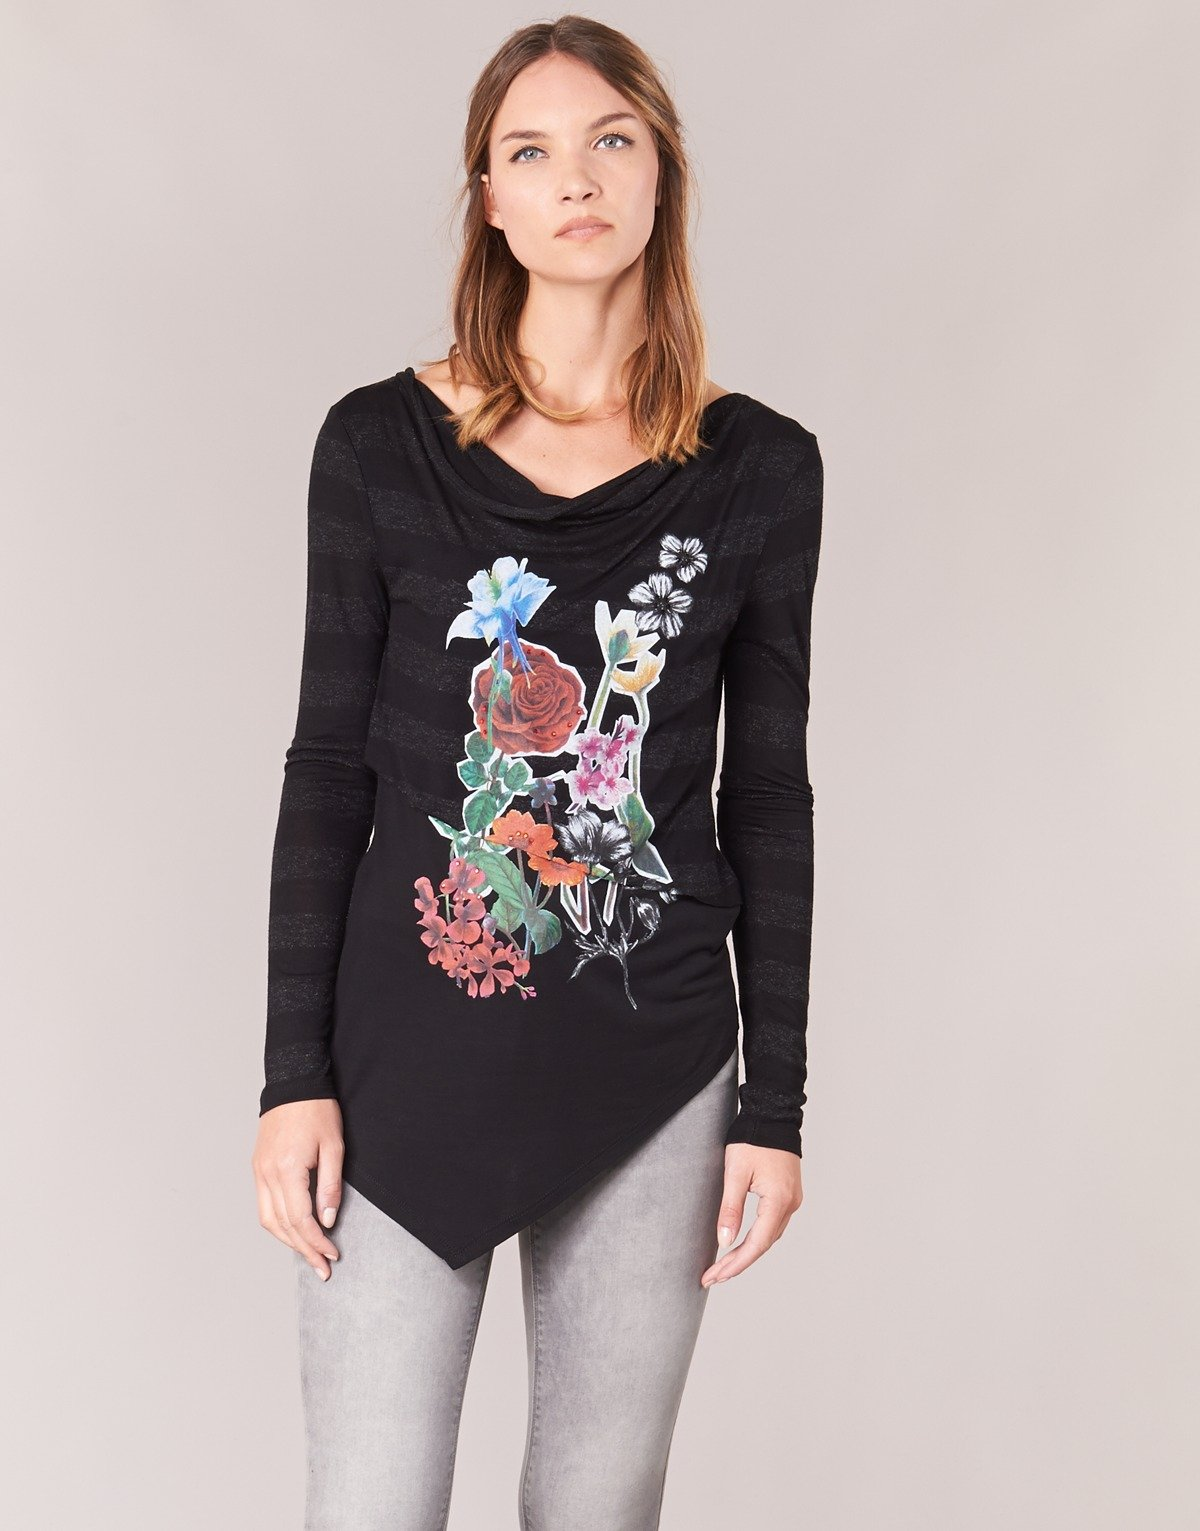 Desigual TS_Silvia Camisa Manga Larga para Mujer